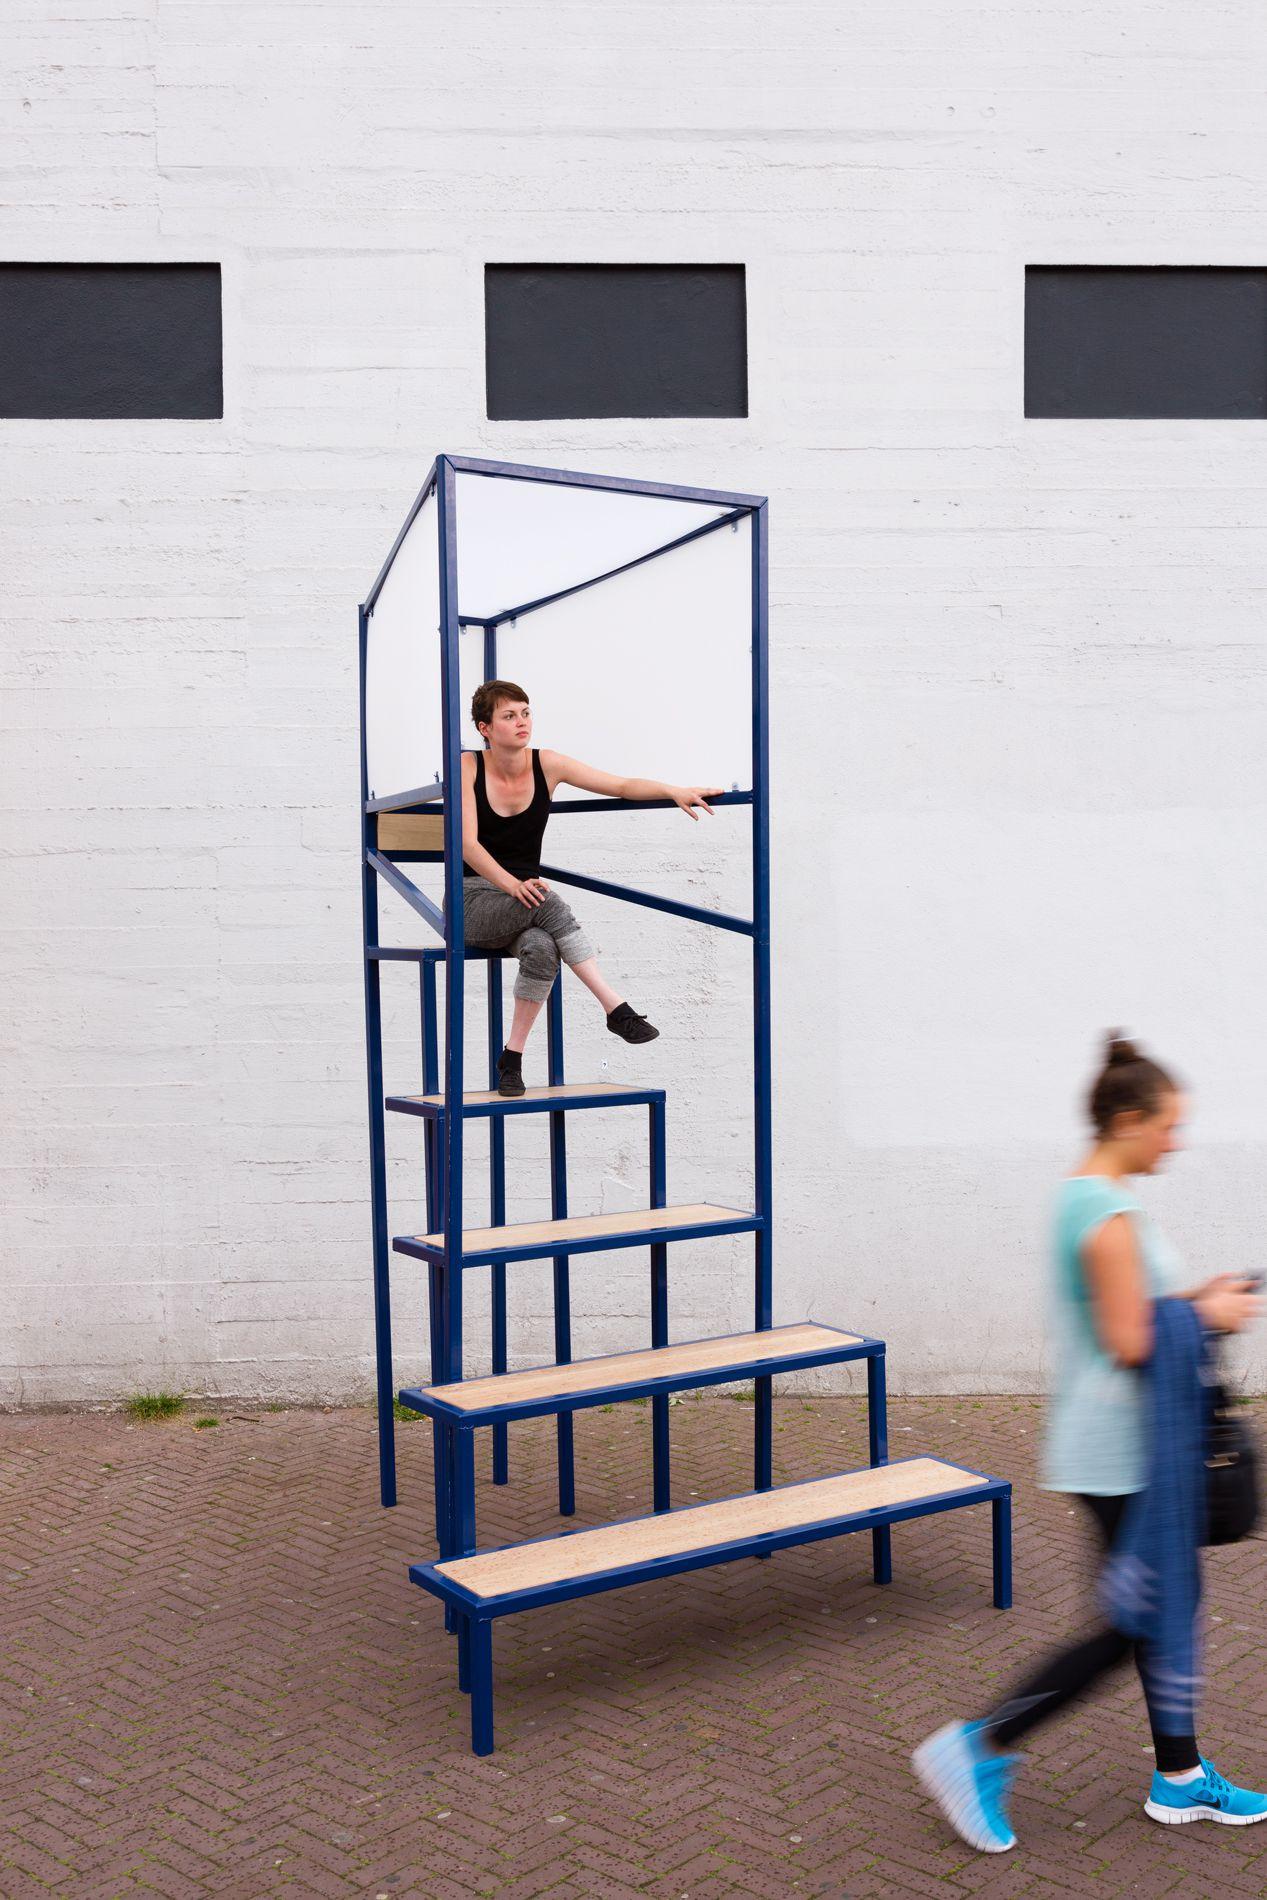 designed by djeli de nijs